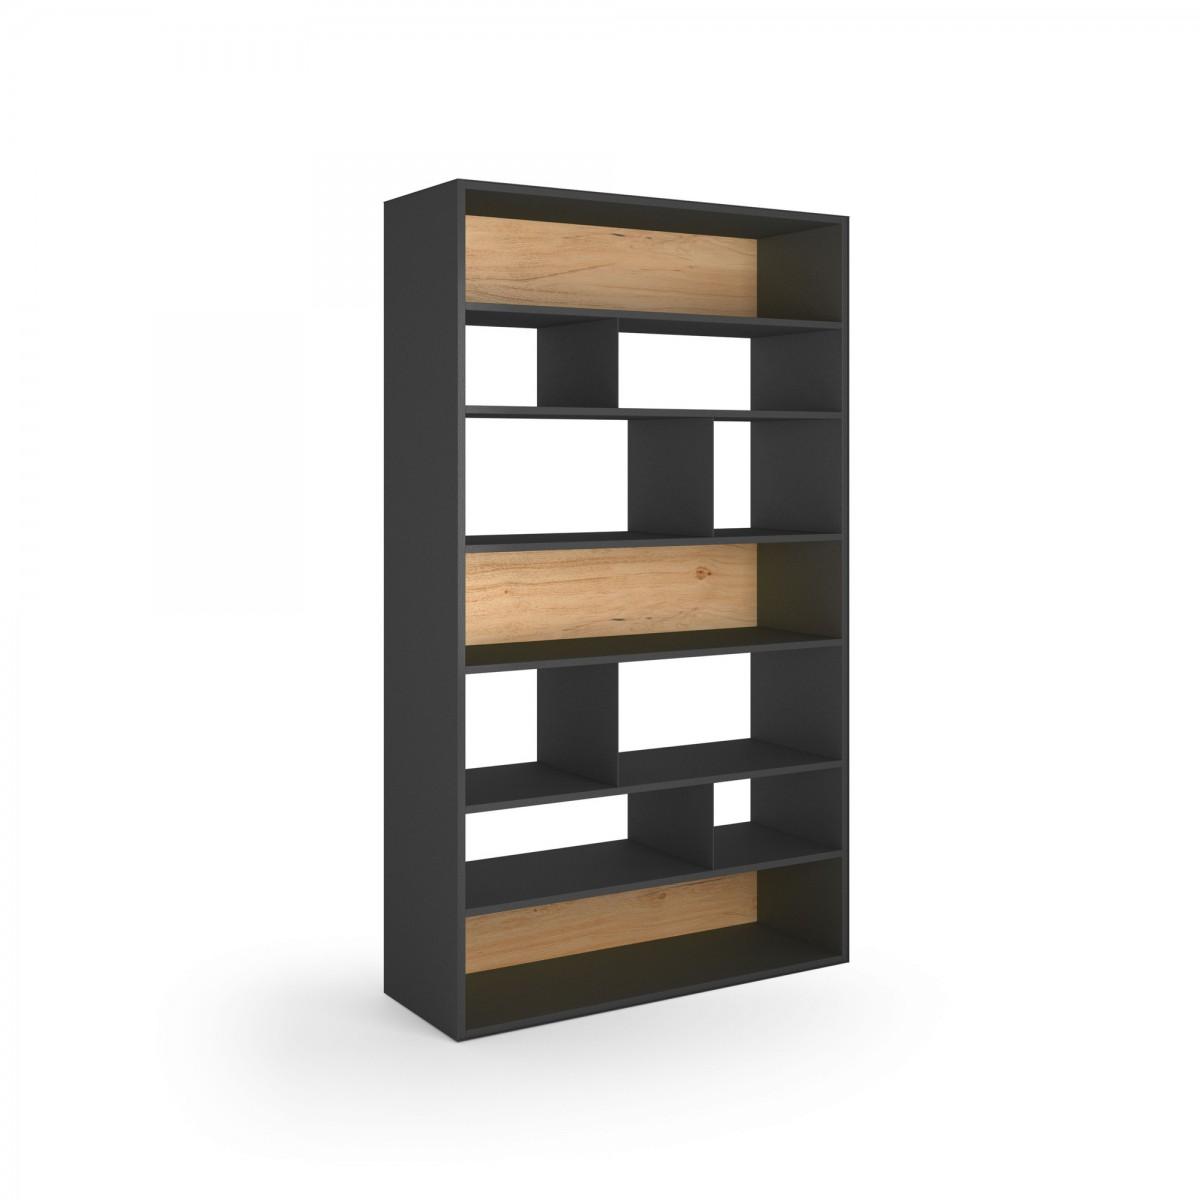 brooklyn_boekenkast_roomdivider_eiken_metaal_mintjes_furniture_miltonhouse_BR2_S2